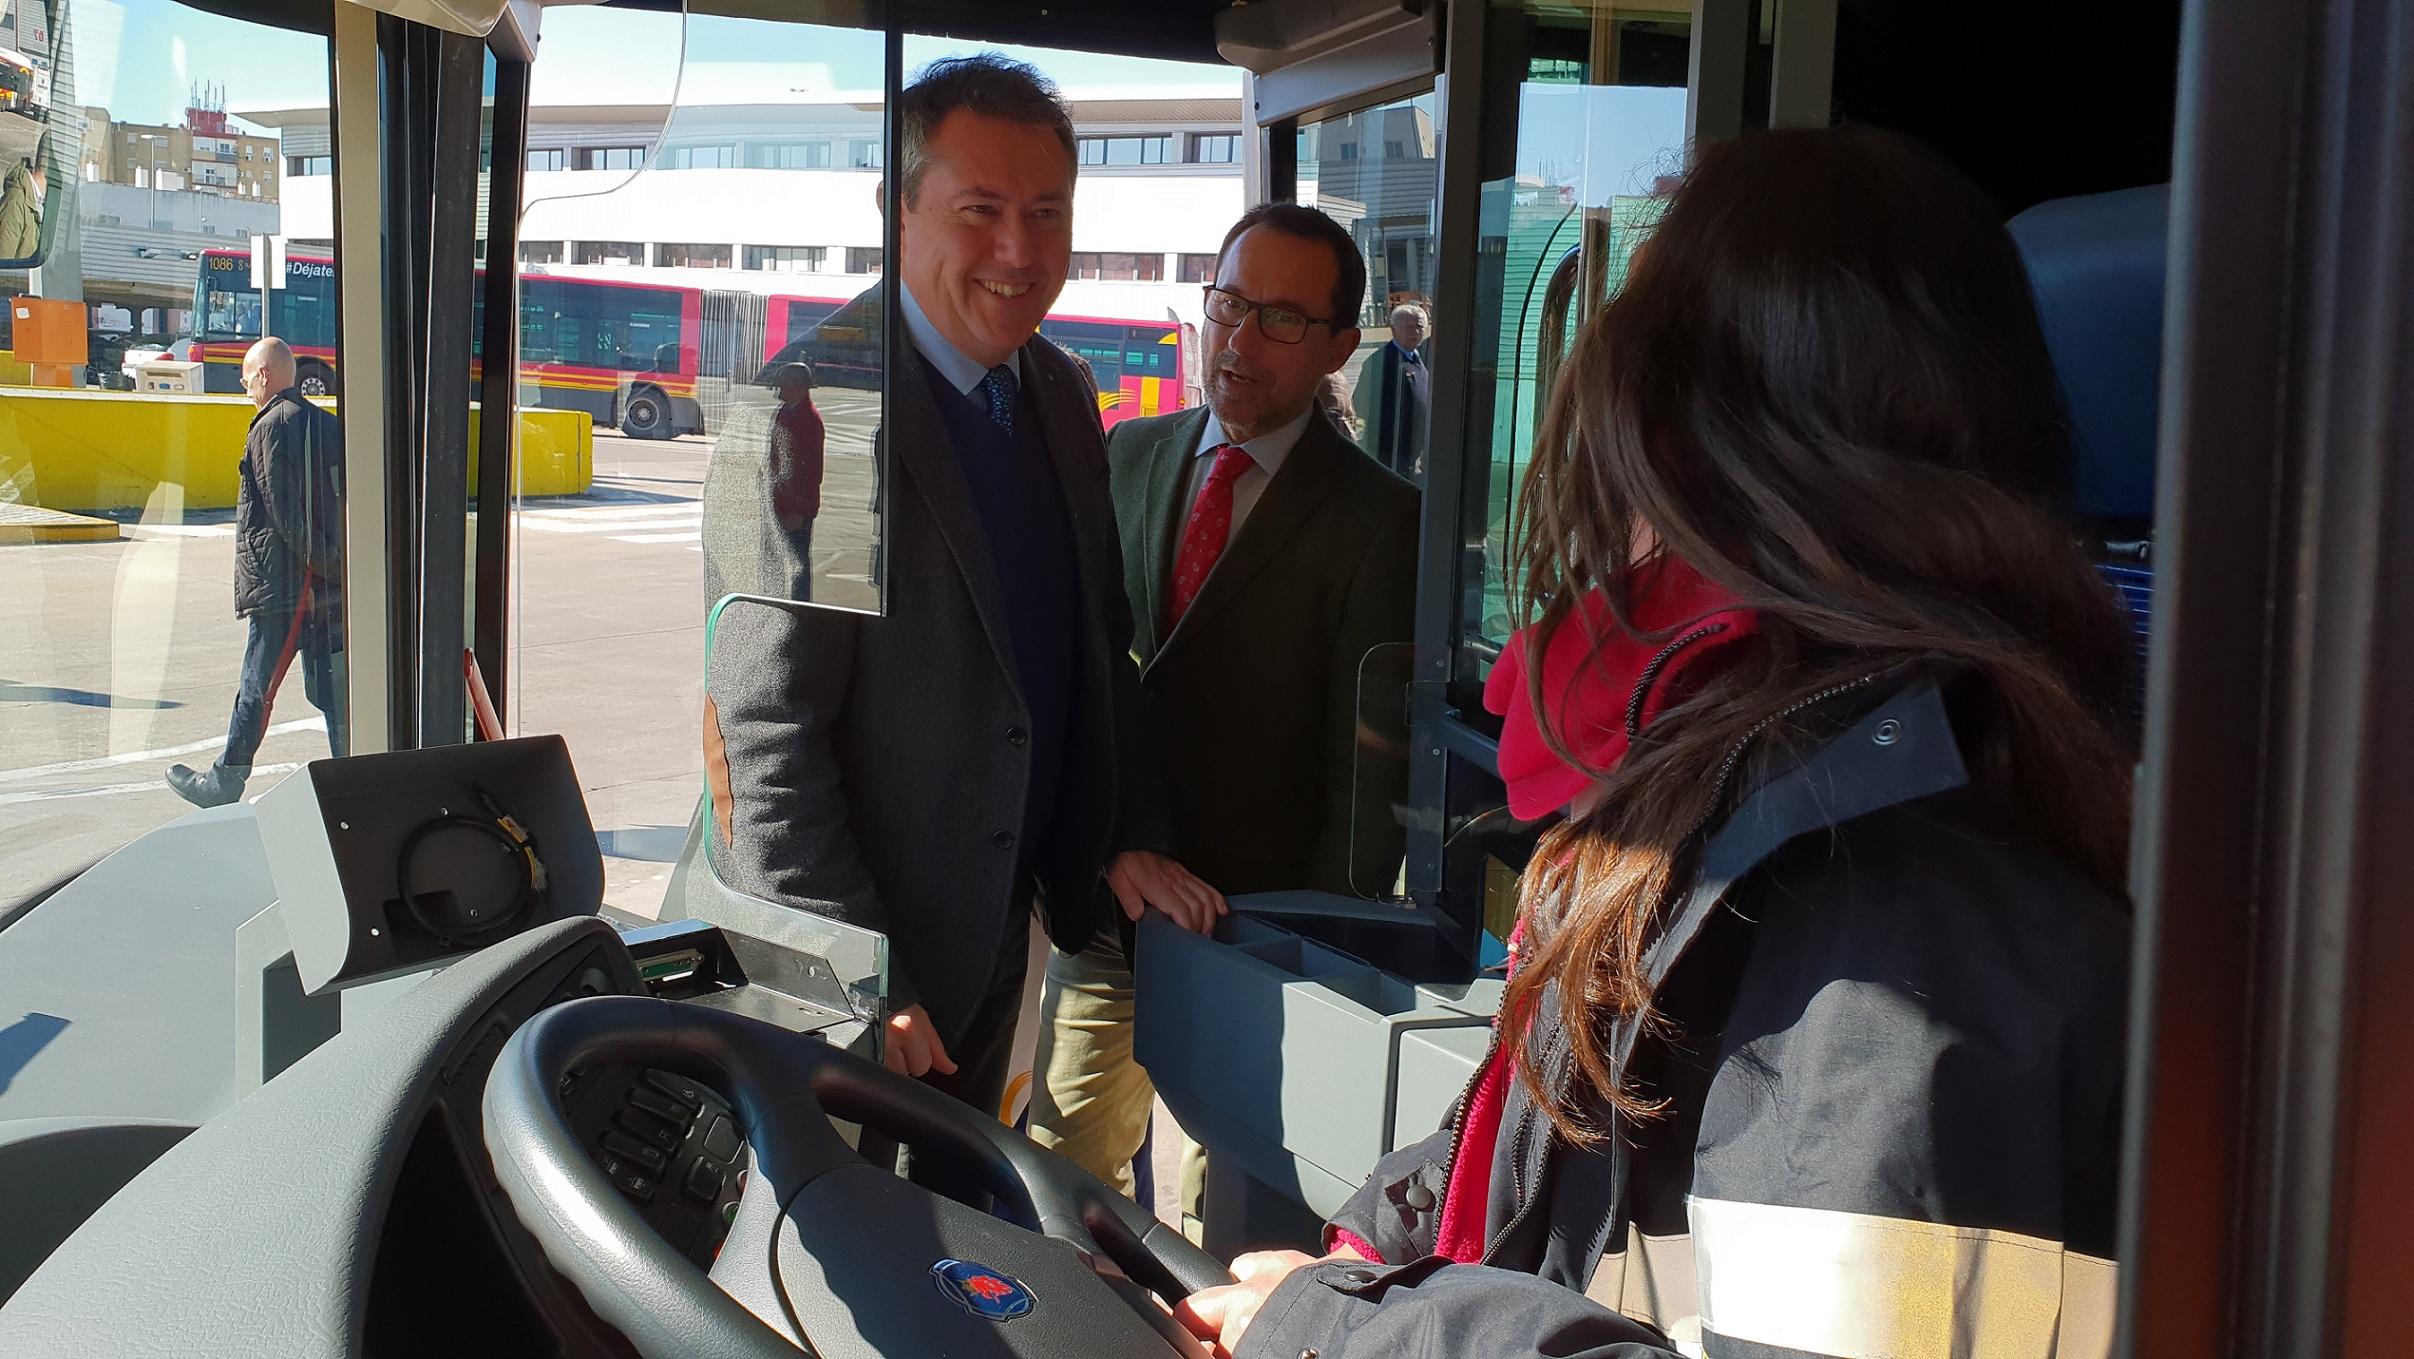 Tussam cerró 2019 con más de 80 millones de viajeros